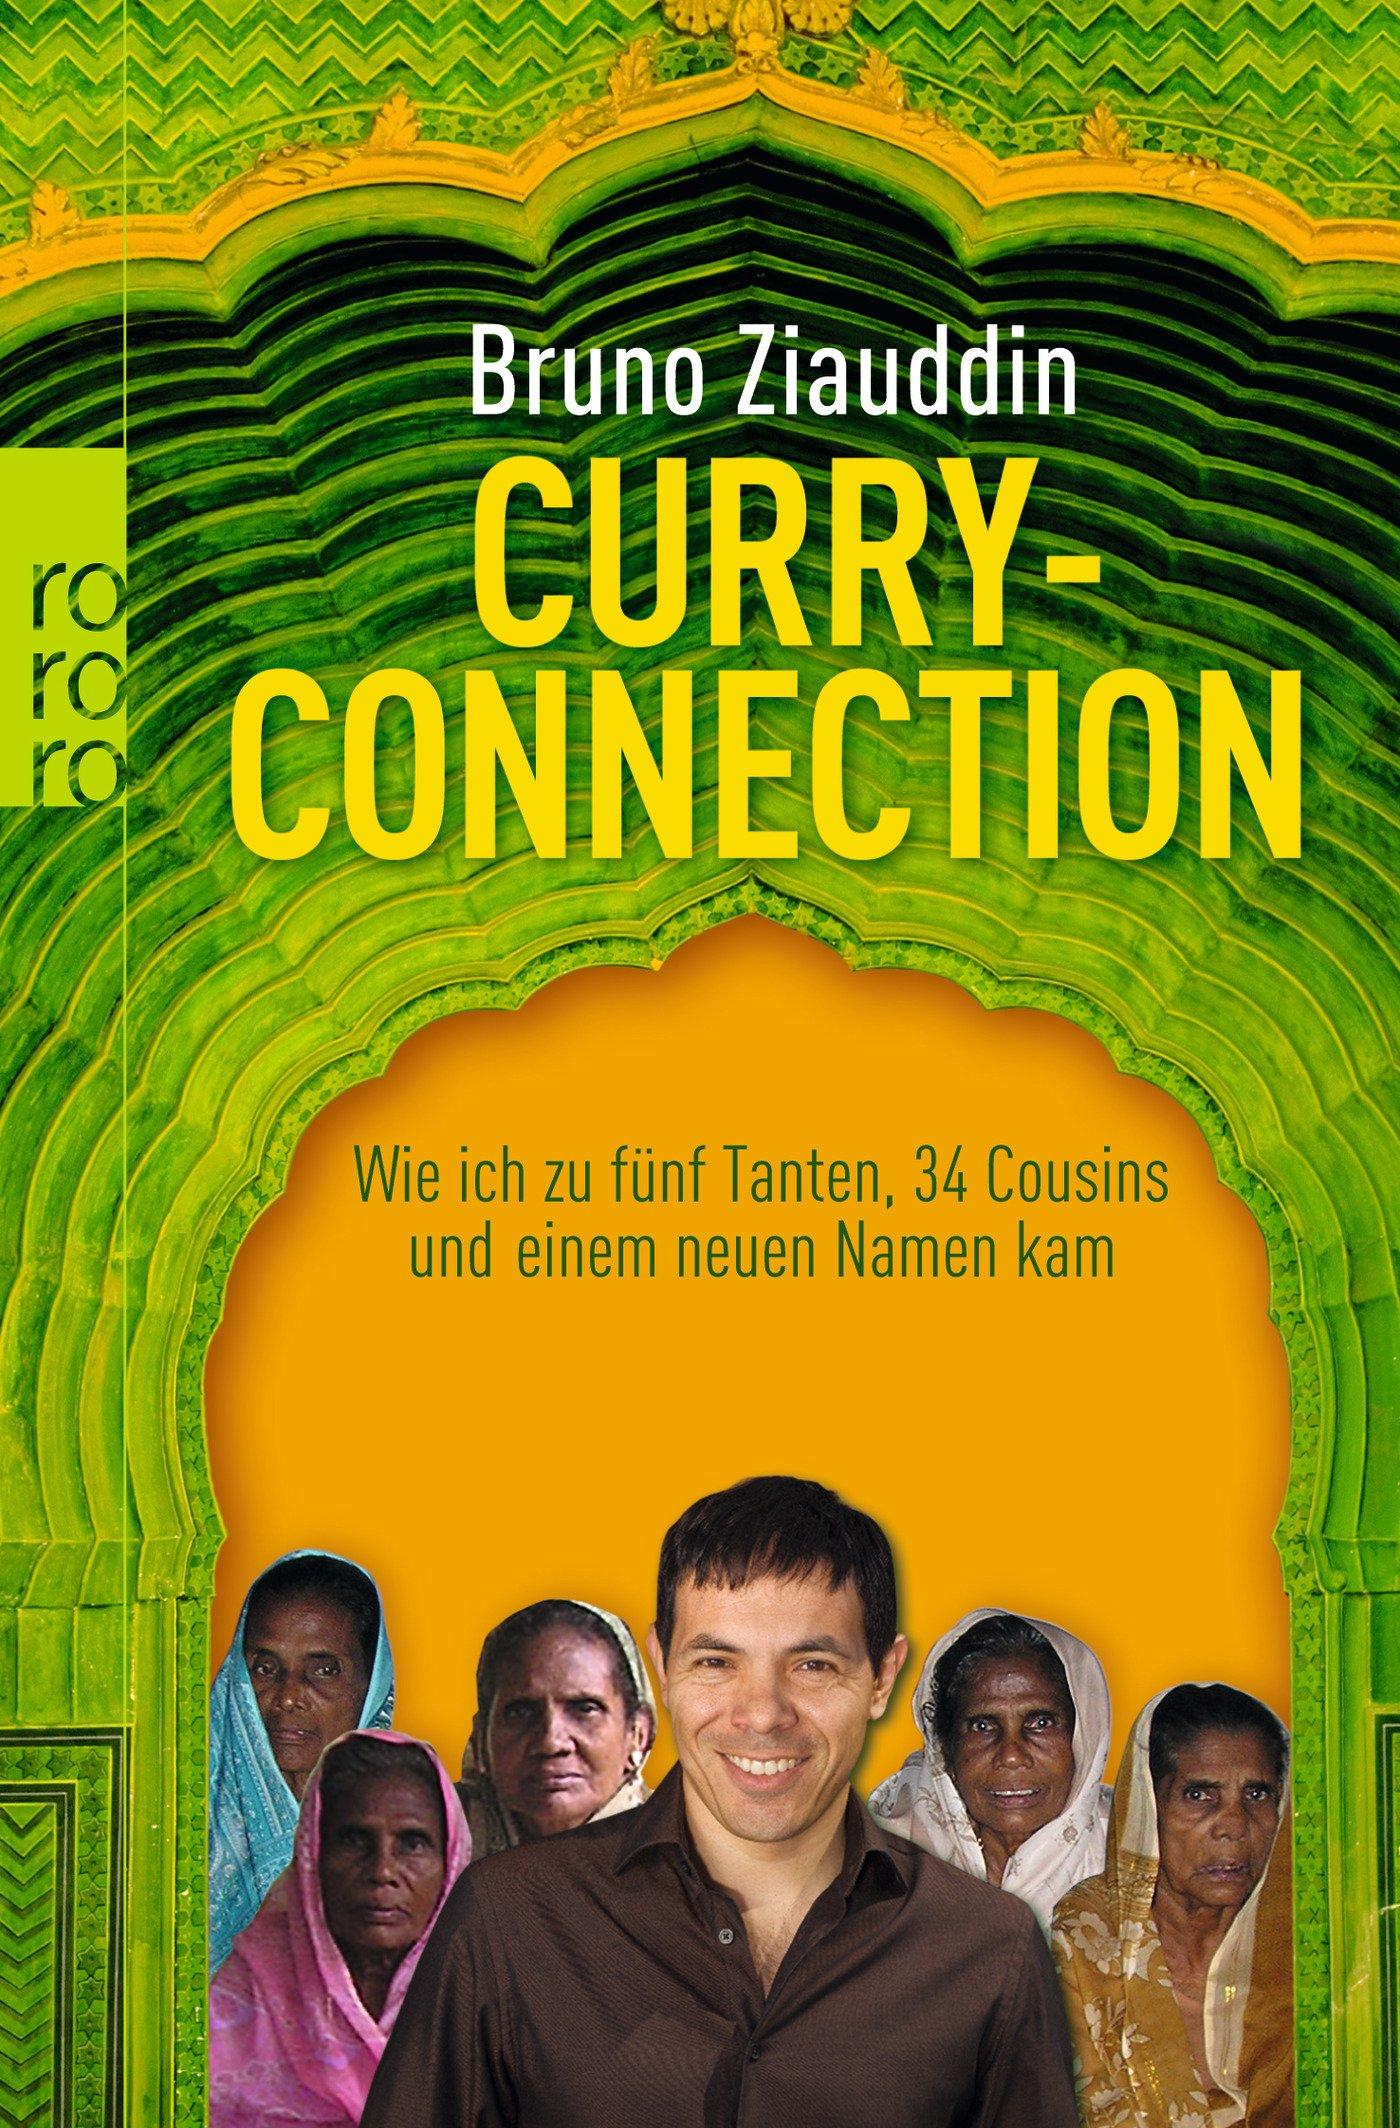 Curry-Connection: Wie ich zu fünf Tanten, 34 Cousins und einem neuen Namen kam Taschenbuch – 2. Januar 2010 Bruno Ziauddin Rowohlt Taschenbuch 3499625482 Ghana